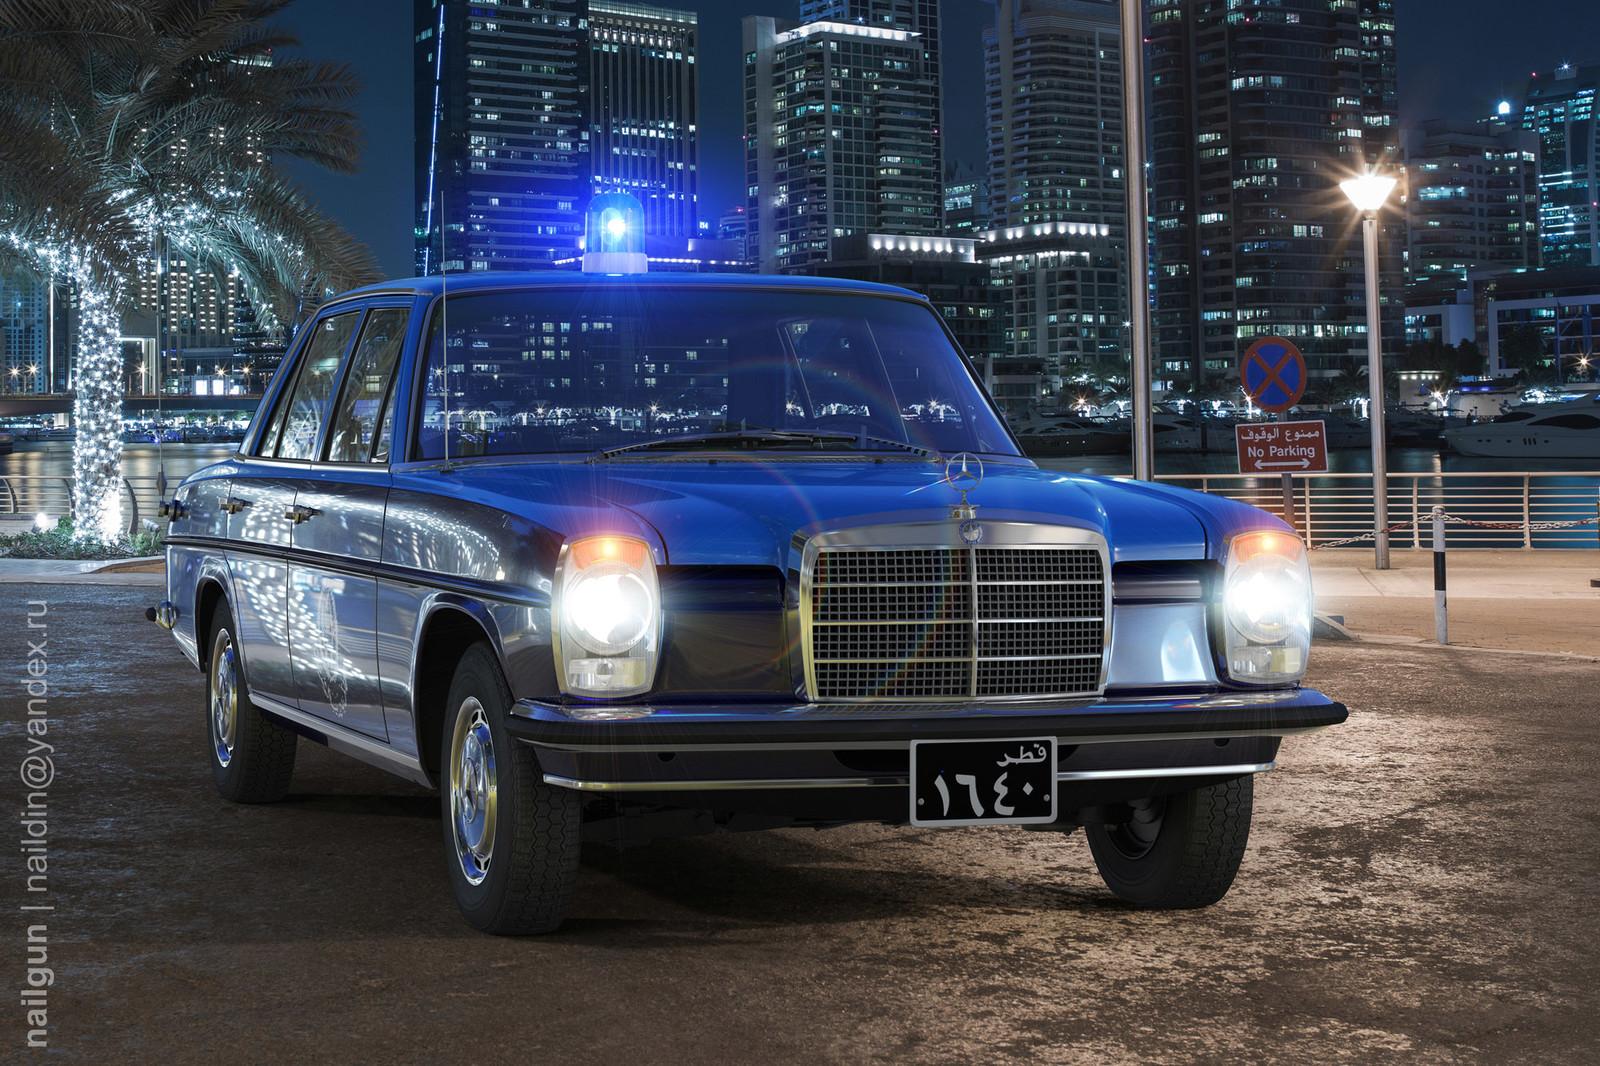 Police Qatar